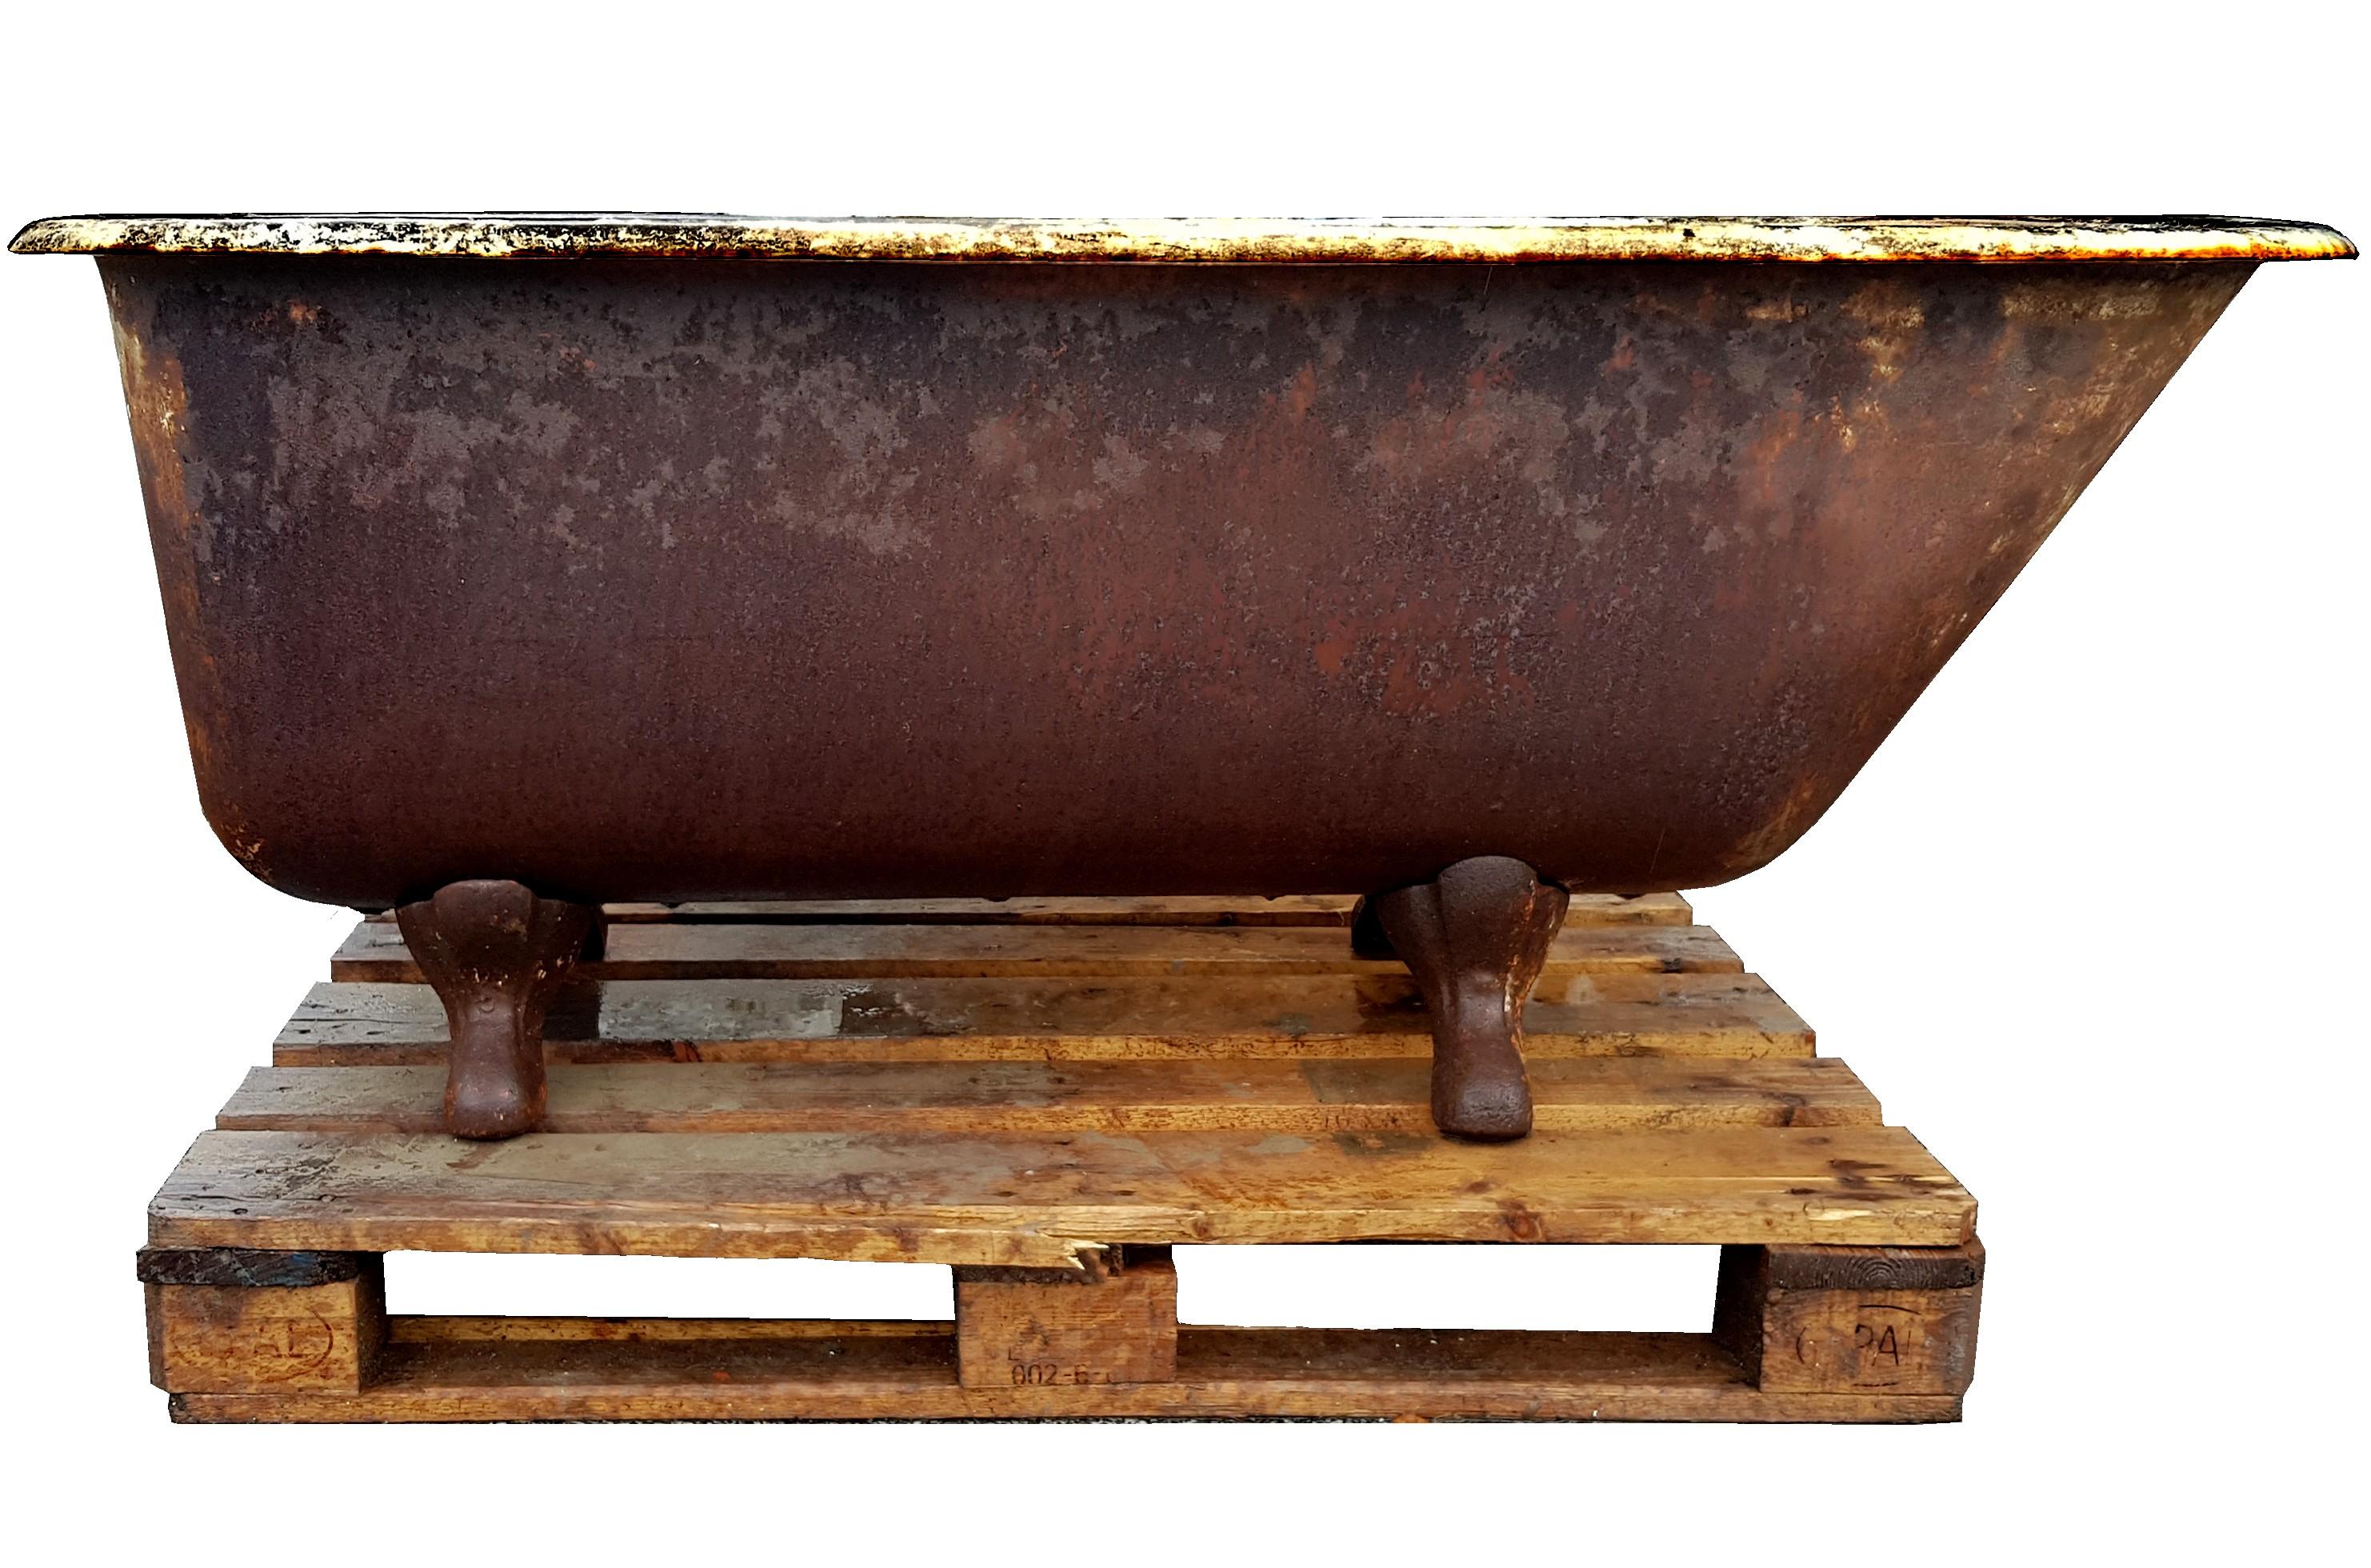 Vasca Da Bagno Piccola In Ghisa : Vasca da bagno in ghisa con piedini usata vasca ghisa usato